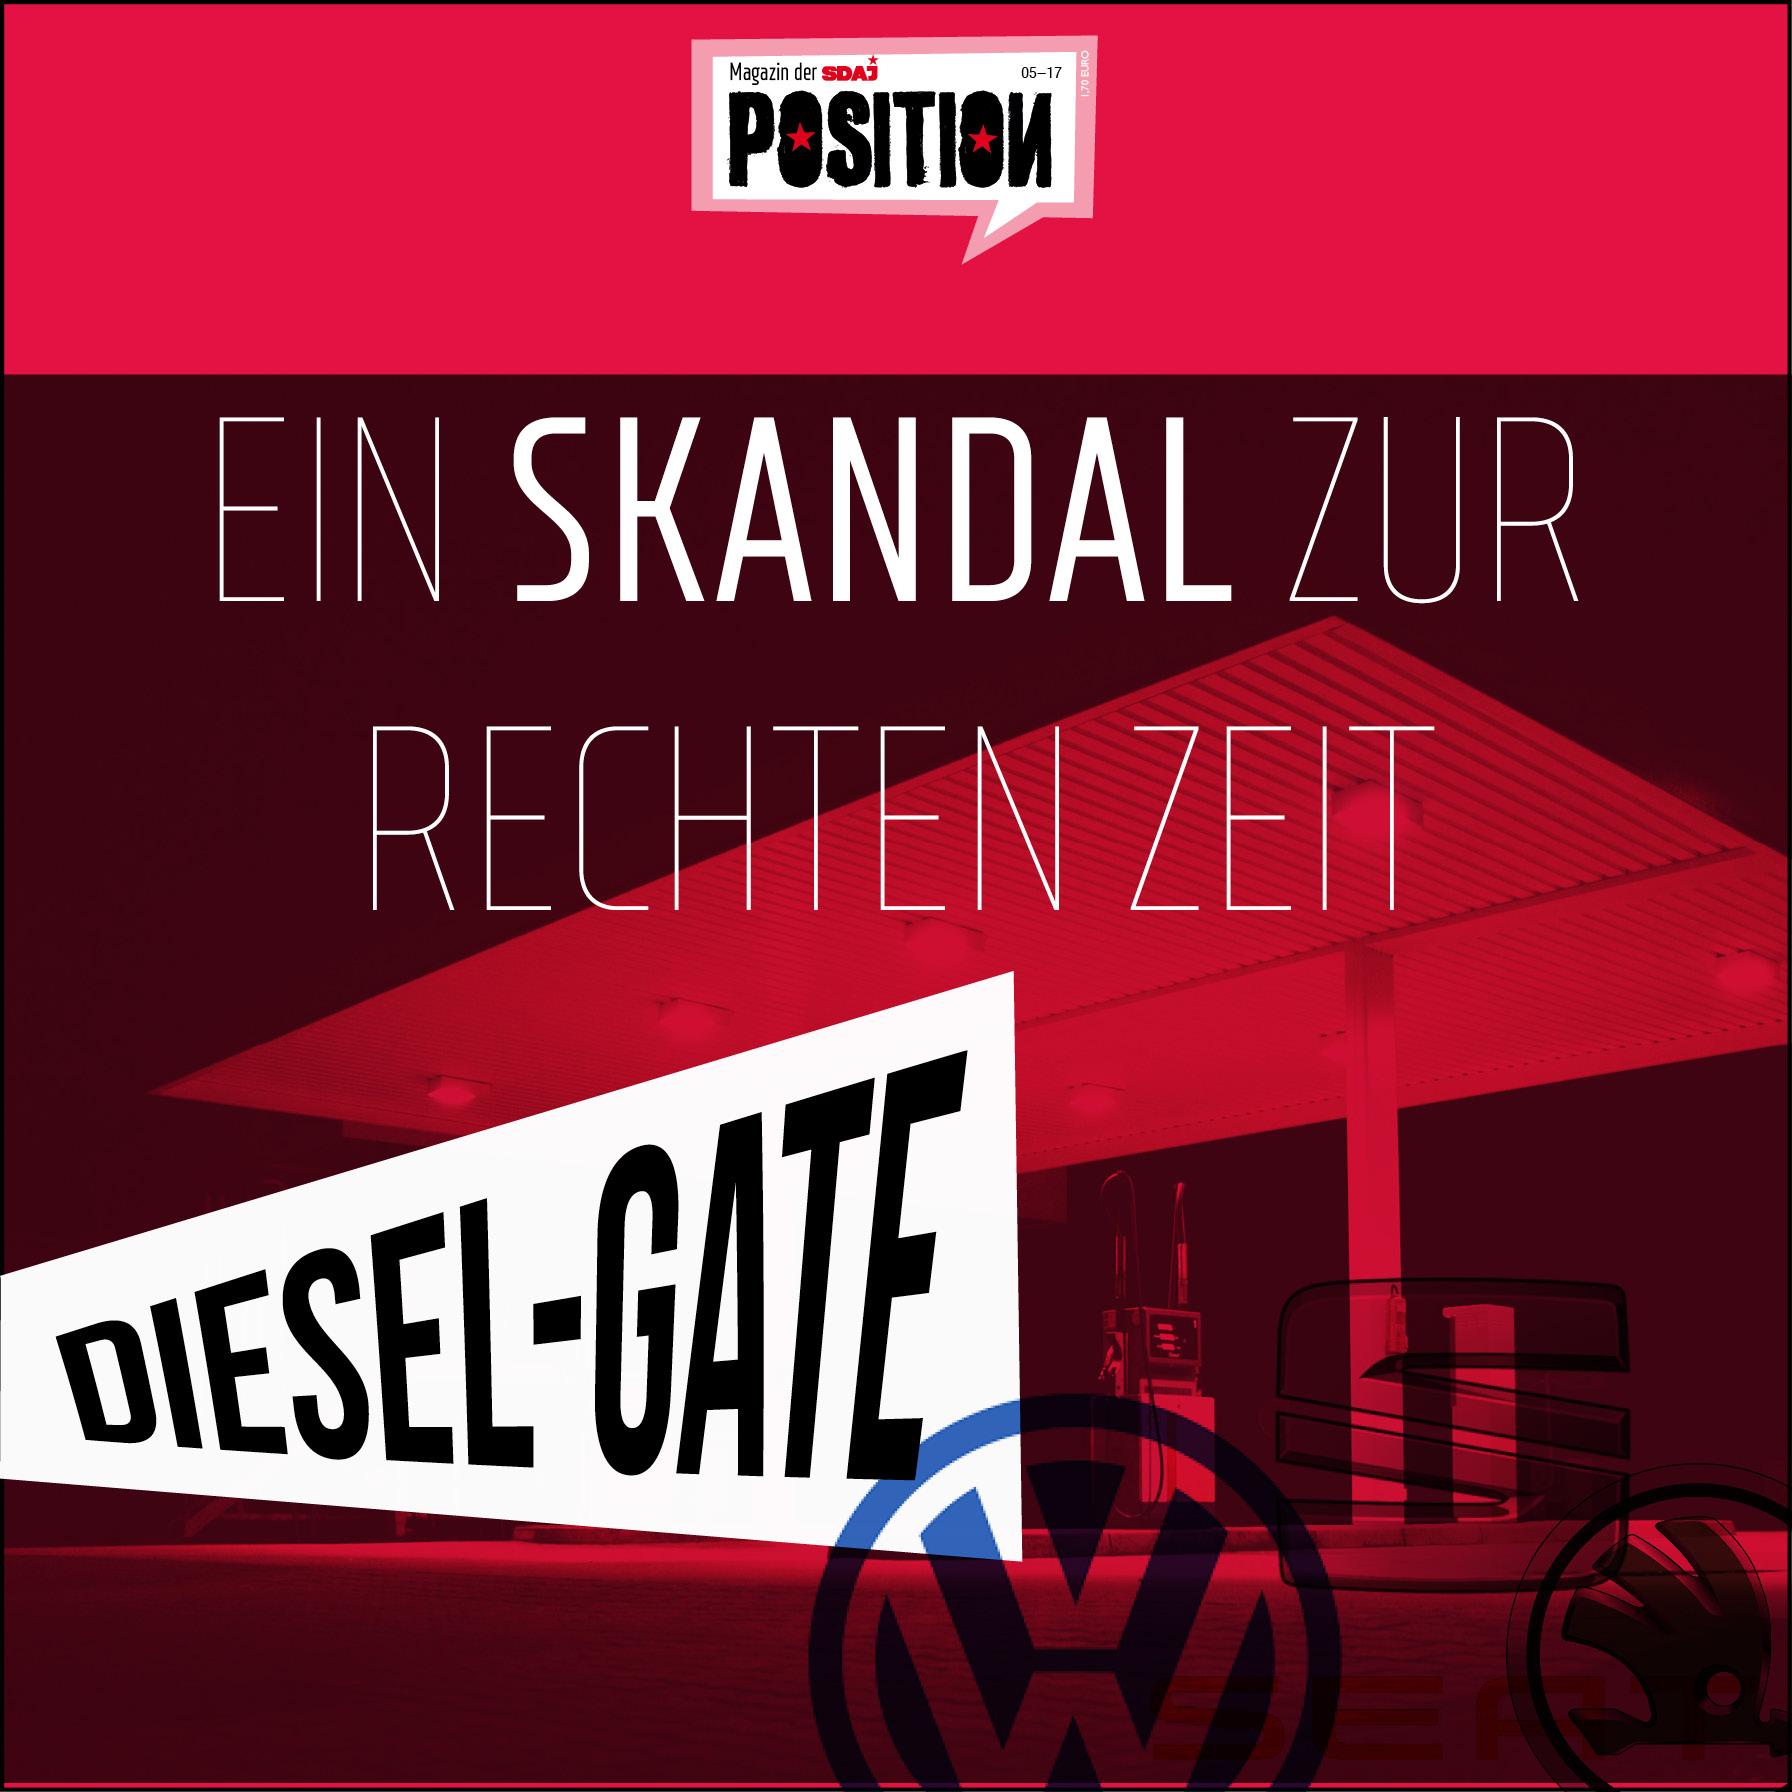 Diesel-Gate